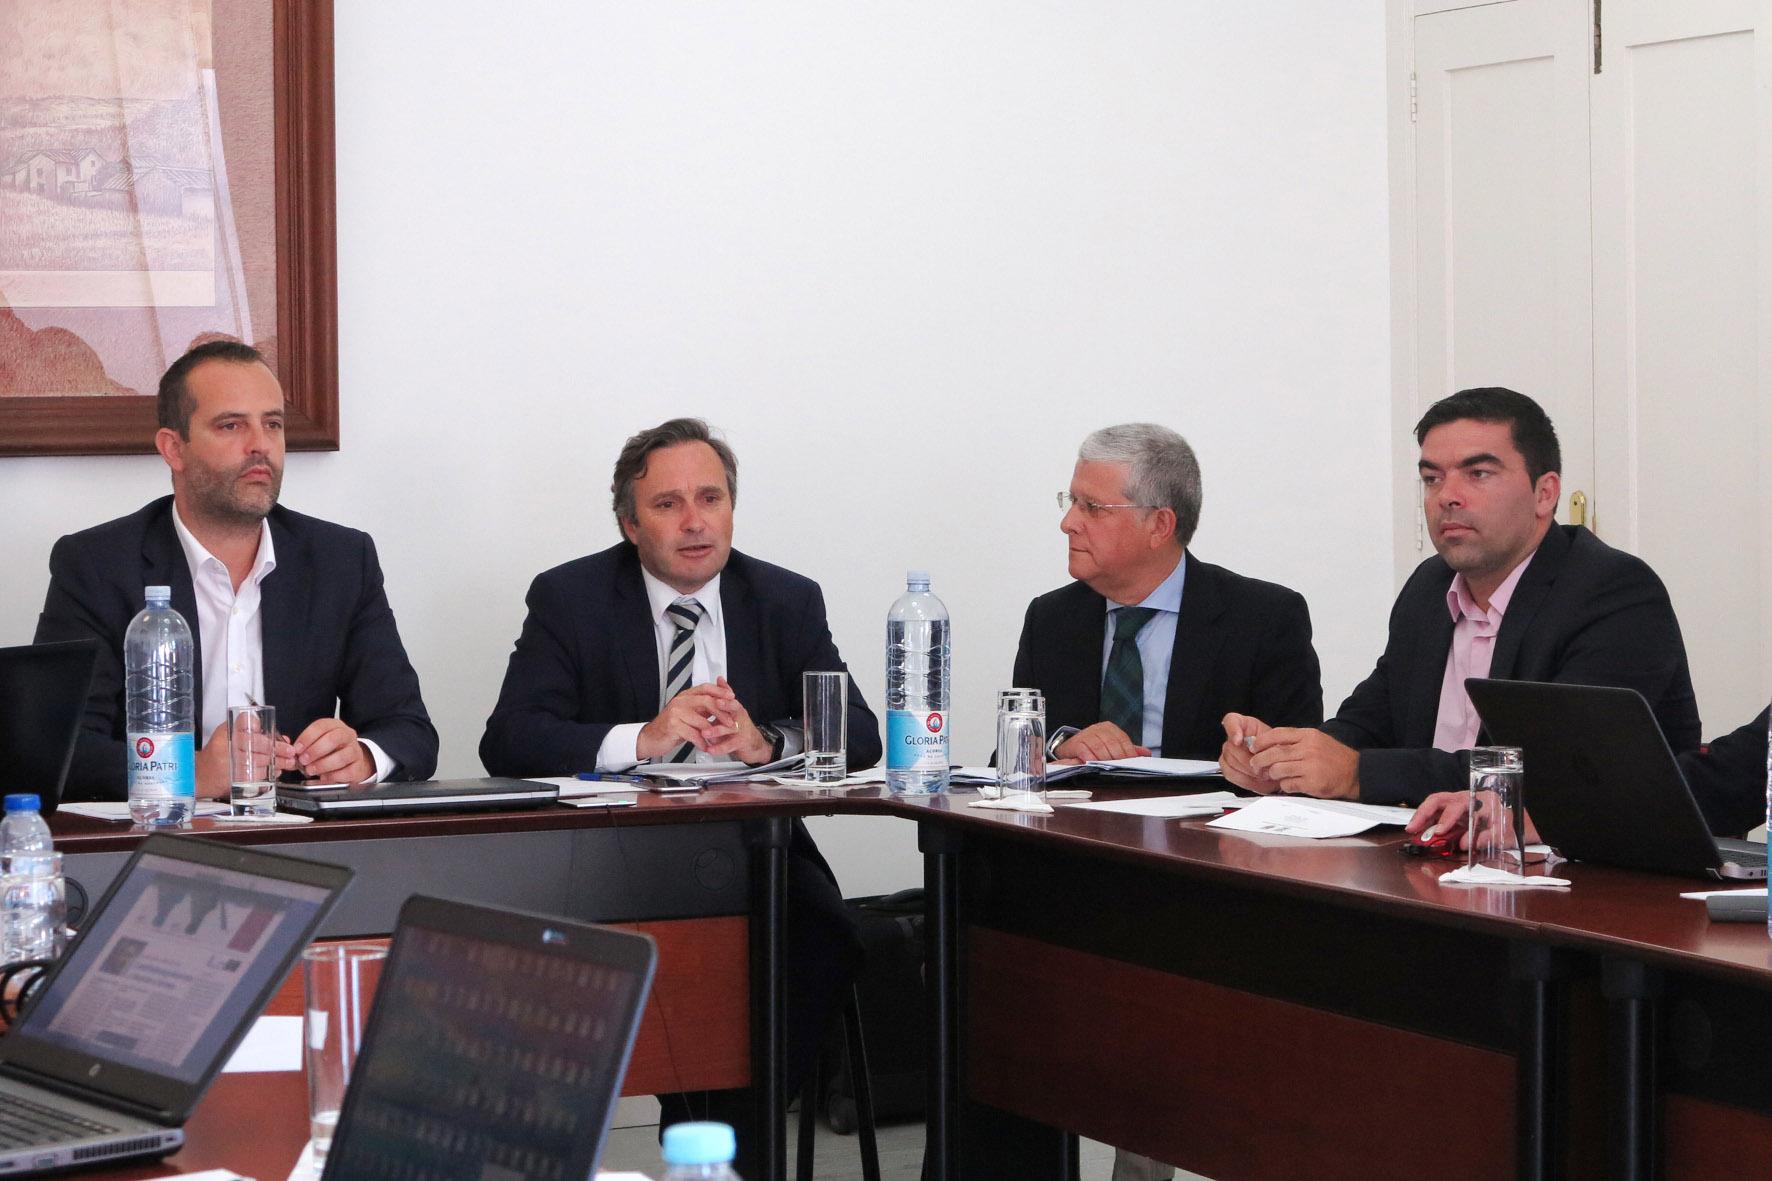 Investimentos no Porto da Horta visaram melhorar a operacionalidade, afirma Vítor Fraga